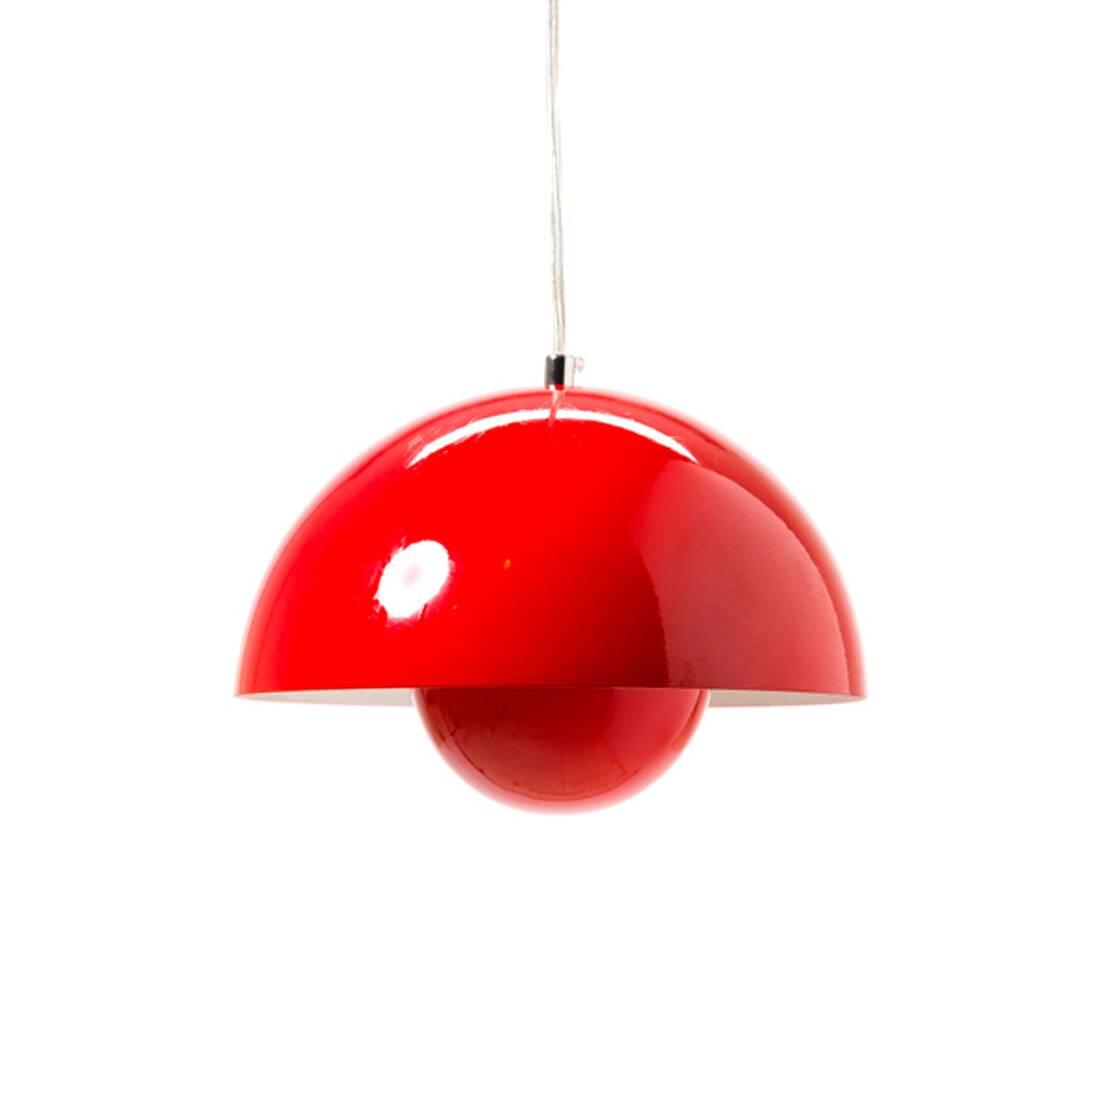 Подвесной светильник Flower Pot диаметр 38Подвесные<br>Из всех произведений Вернера Пантона цветные подвесные светильники Flower Pot диаметр 38 выделяются невероятно простым и в то же время привлекательным дизайном. Плафон светильника состоит из двух полусфер, одна в другой, что делает его похожим на детскую игрушку — с одной стороны. С другой — гармоничная форма смотрится очень стильно, особенно если вы выберете черный или белый вариант.<br><br><br> Дизайн светильника от знаменитого Вернера Пантона родился в 1968 году, в эпоху активных эксперимен...<br><br>stock: 0<br>Высота: 180<br>Диаметр: 38<br>Количество ламп: 1<br>Материал абажура: Алюминий<br>Мощность лампы: 60<br>Ламп в комплекте: Нет<br>Напряжение: 220<br>Тип лампы/цоколь: E27<br>Цвет абажура: Красный